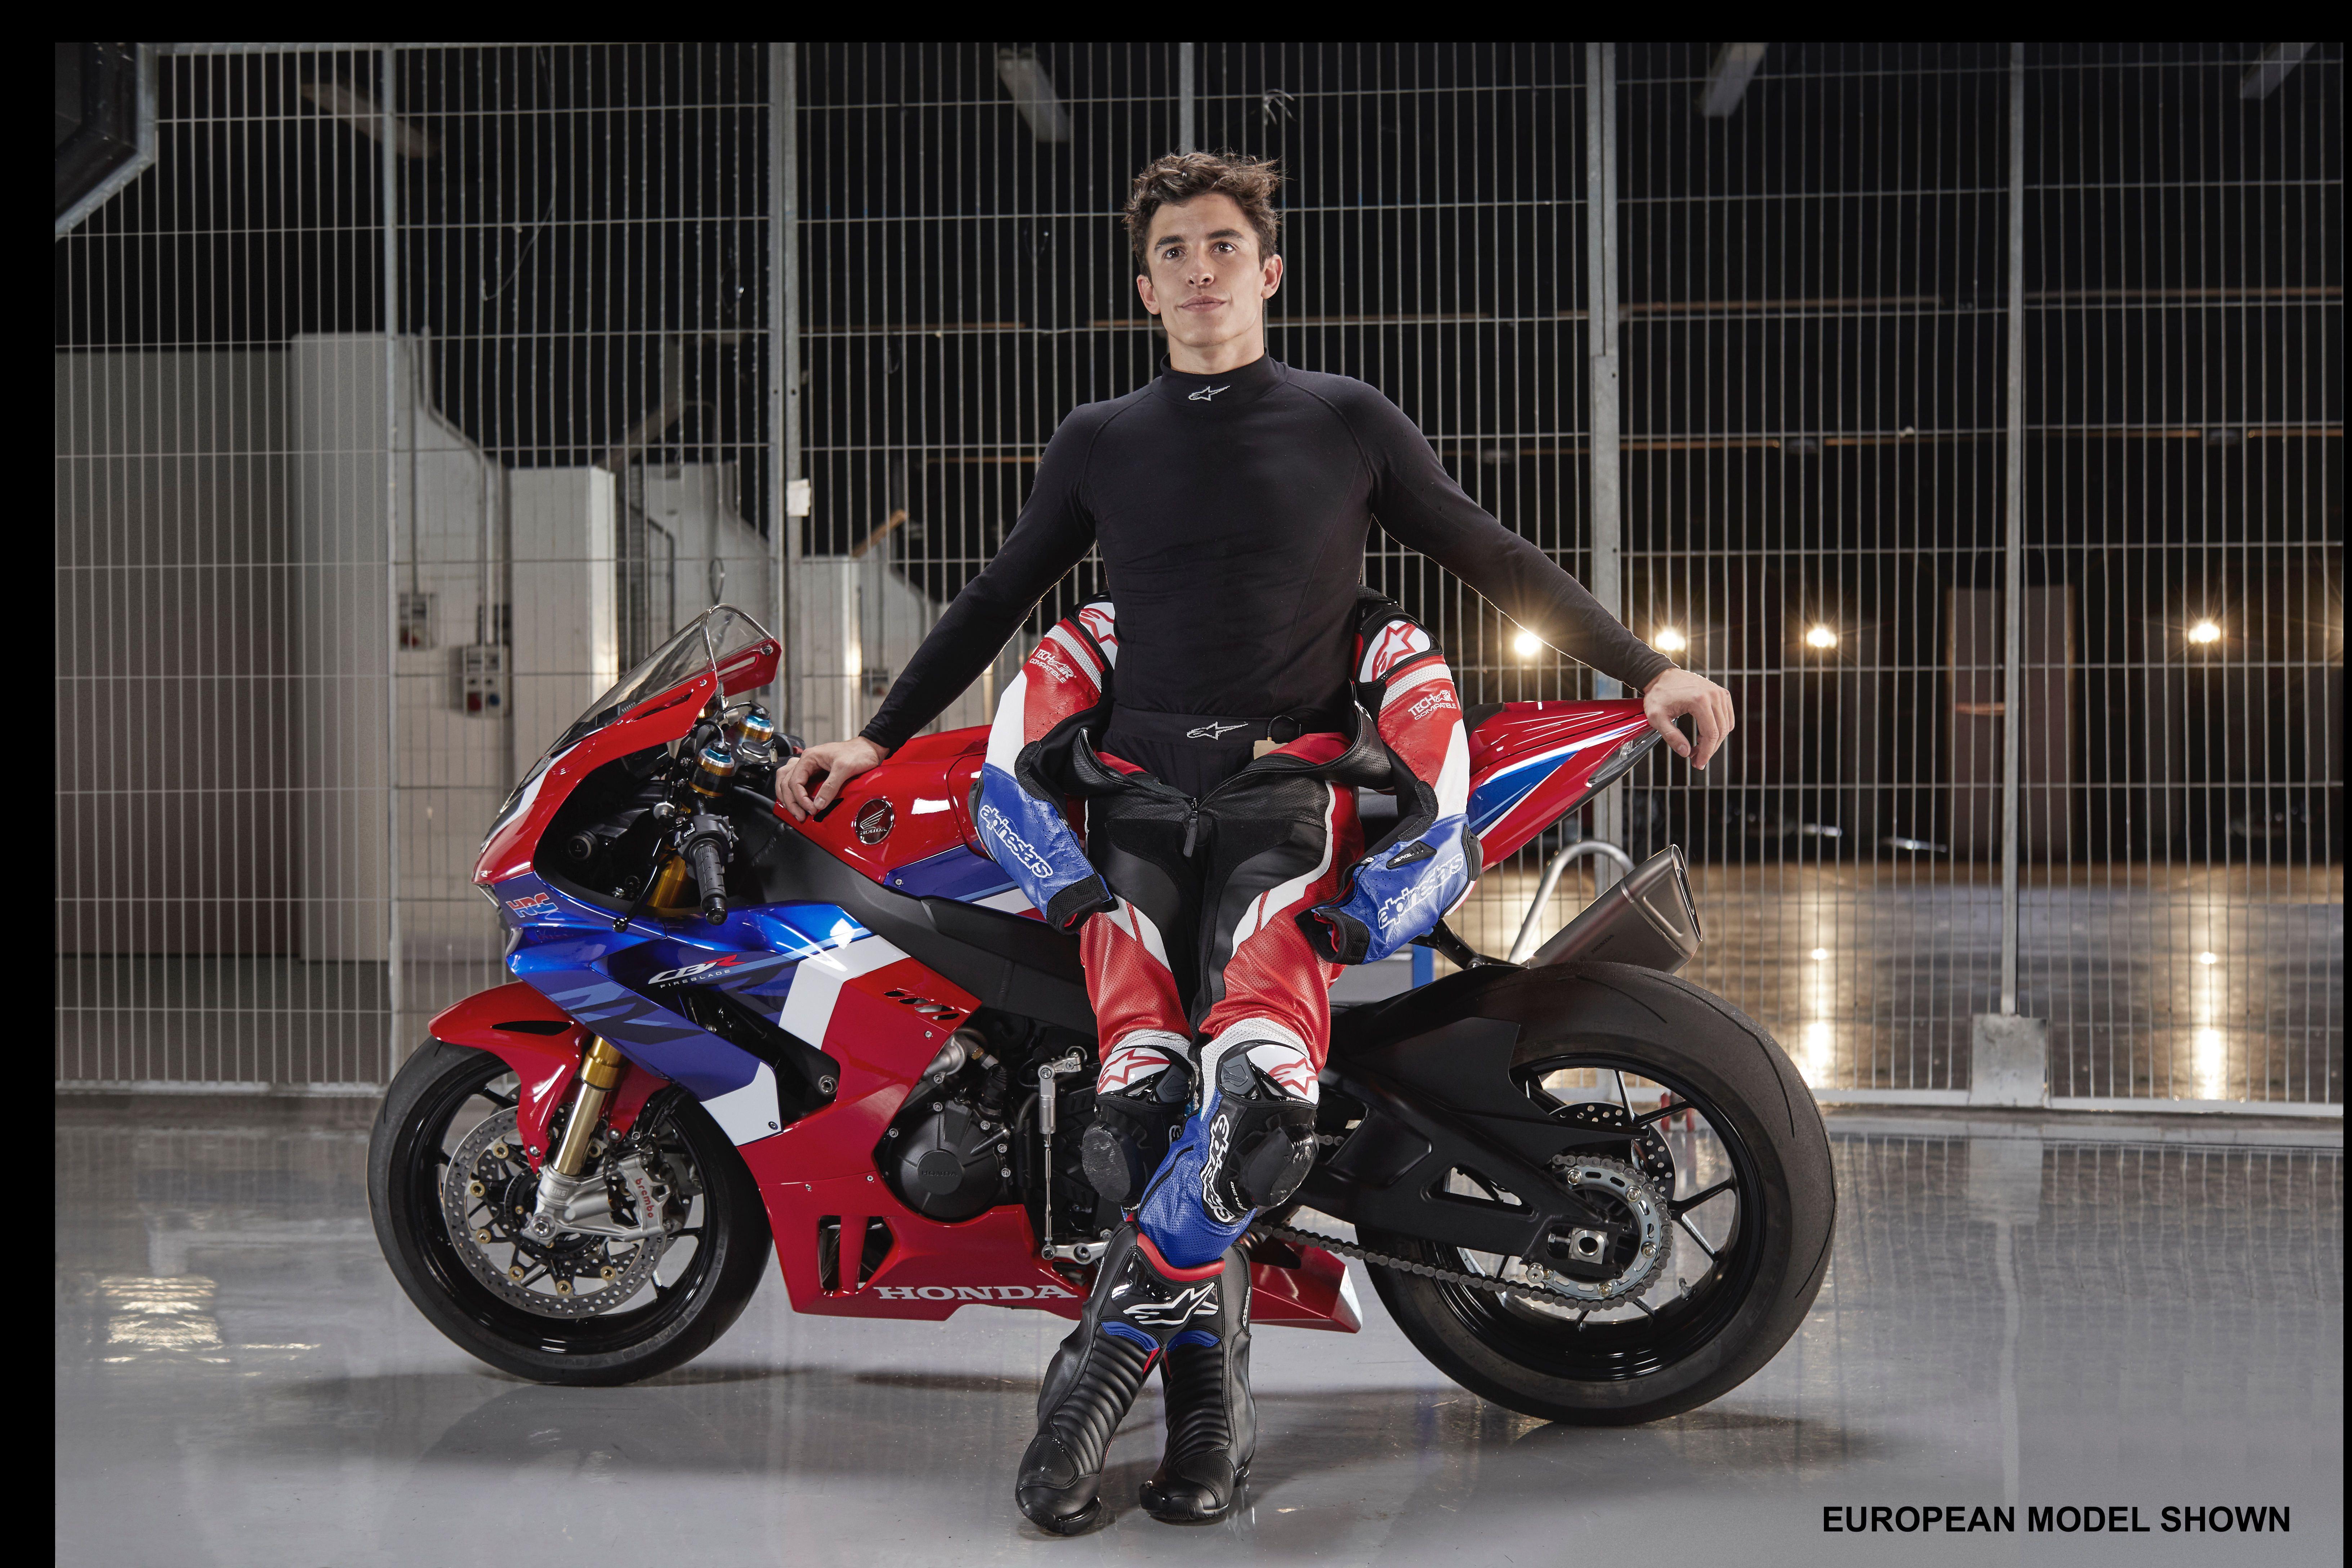 2021 Honda Cbr1000rr R Fireblade Sp Top Speed Marc Marquez Honda Marquez